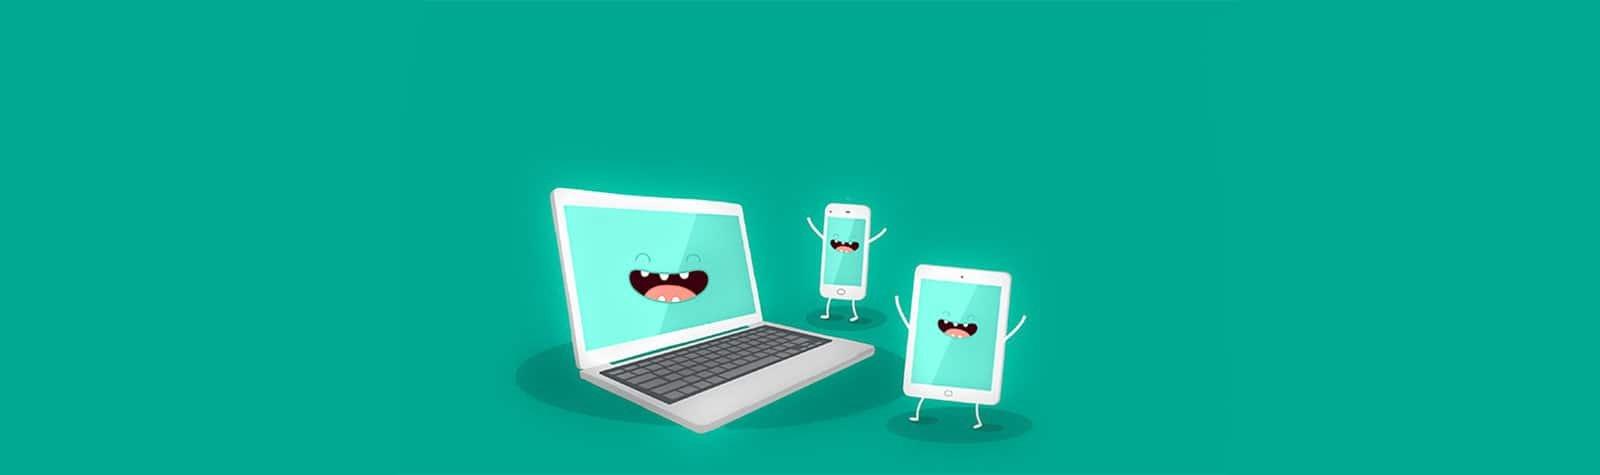 Η επιτυχία κρύβεται σε μια φιλική με τα κινητά ιστοσελίδα